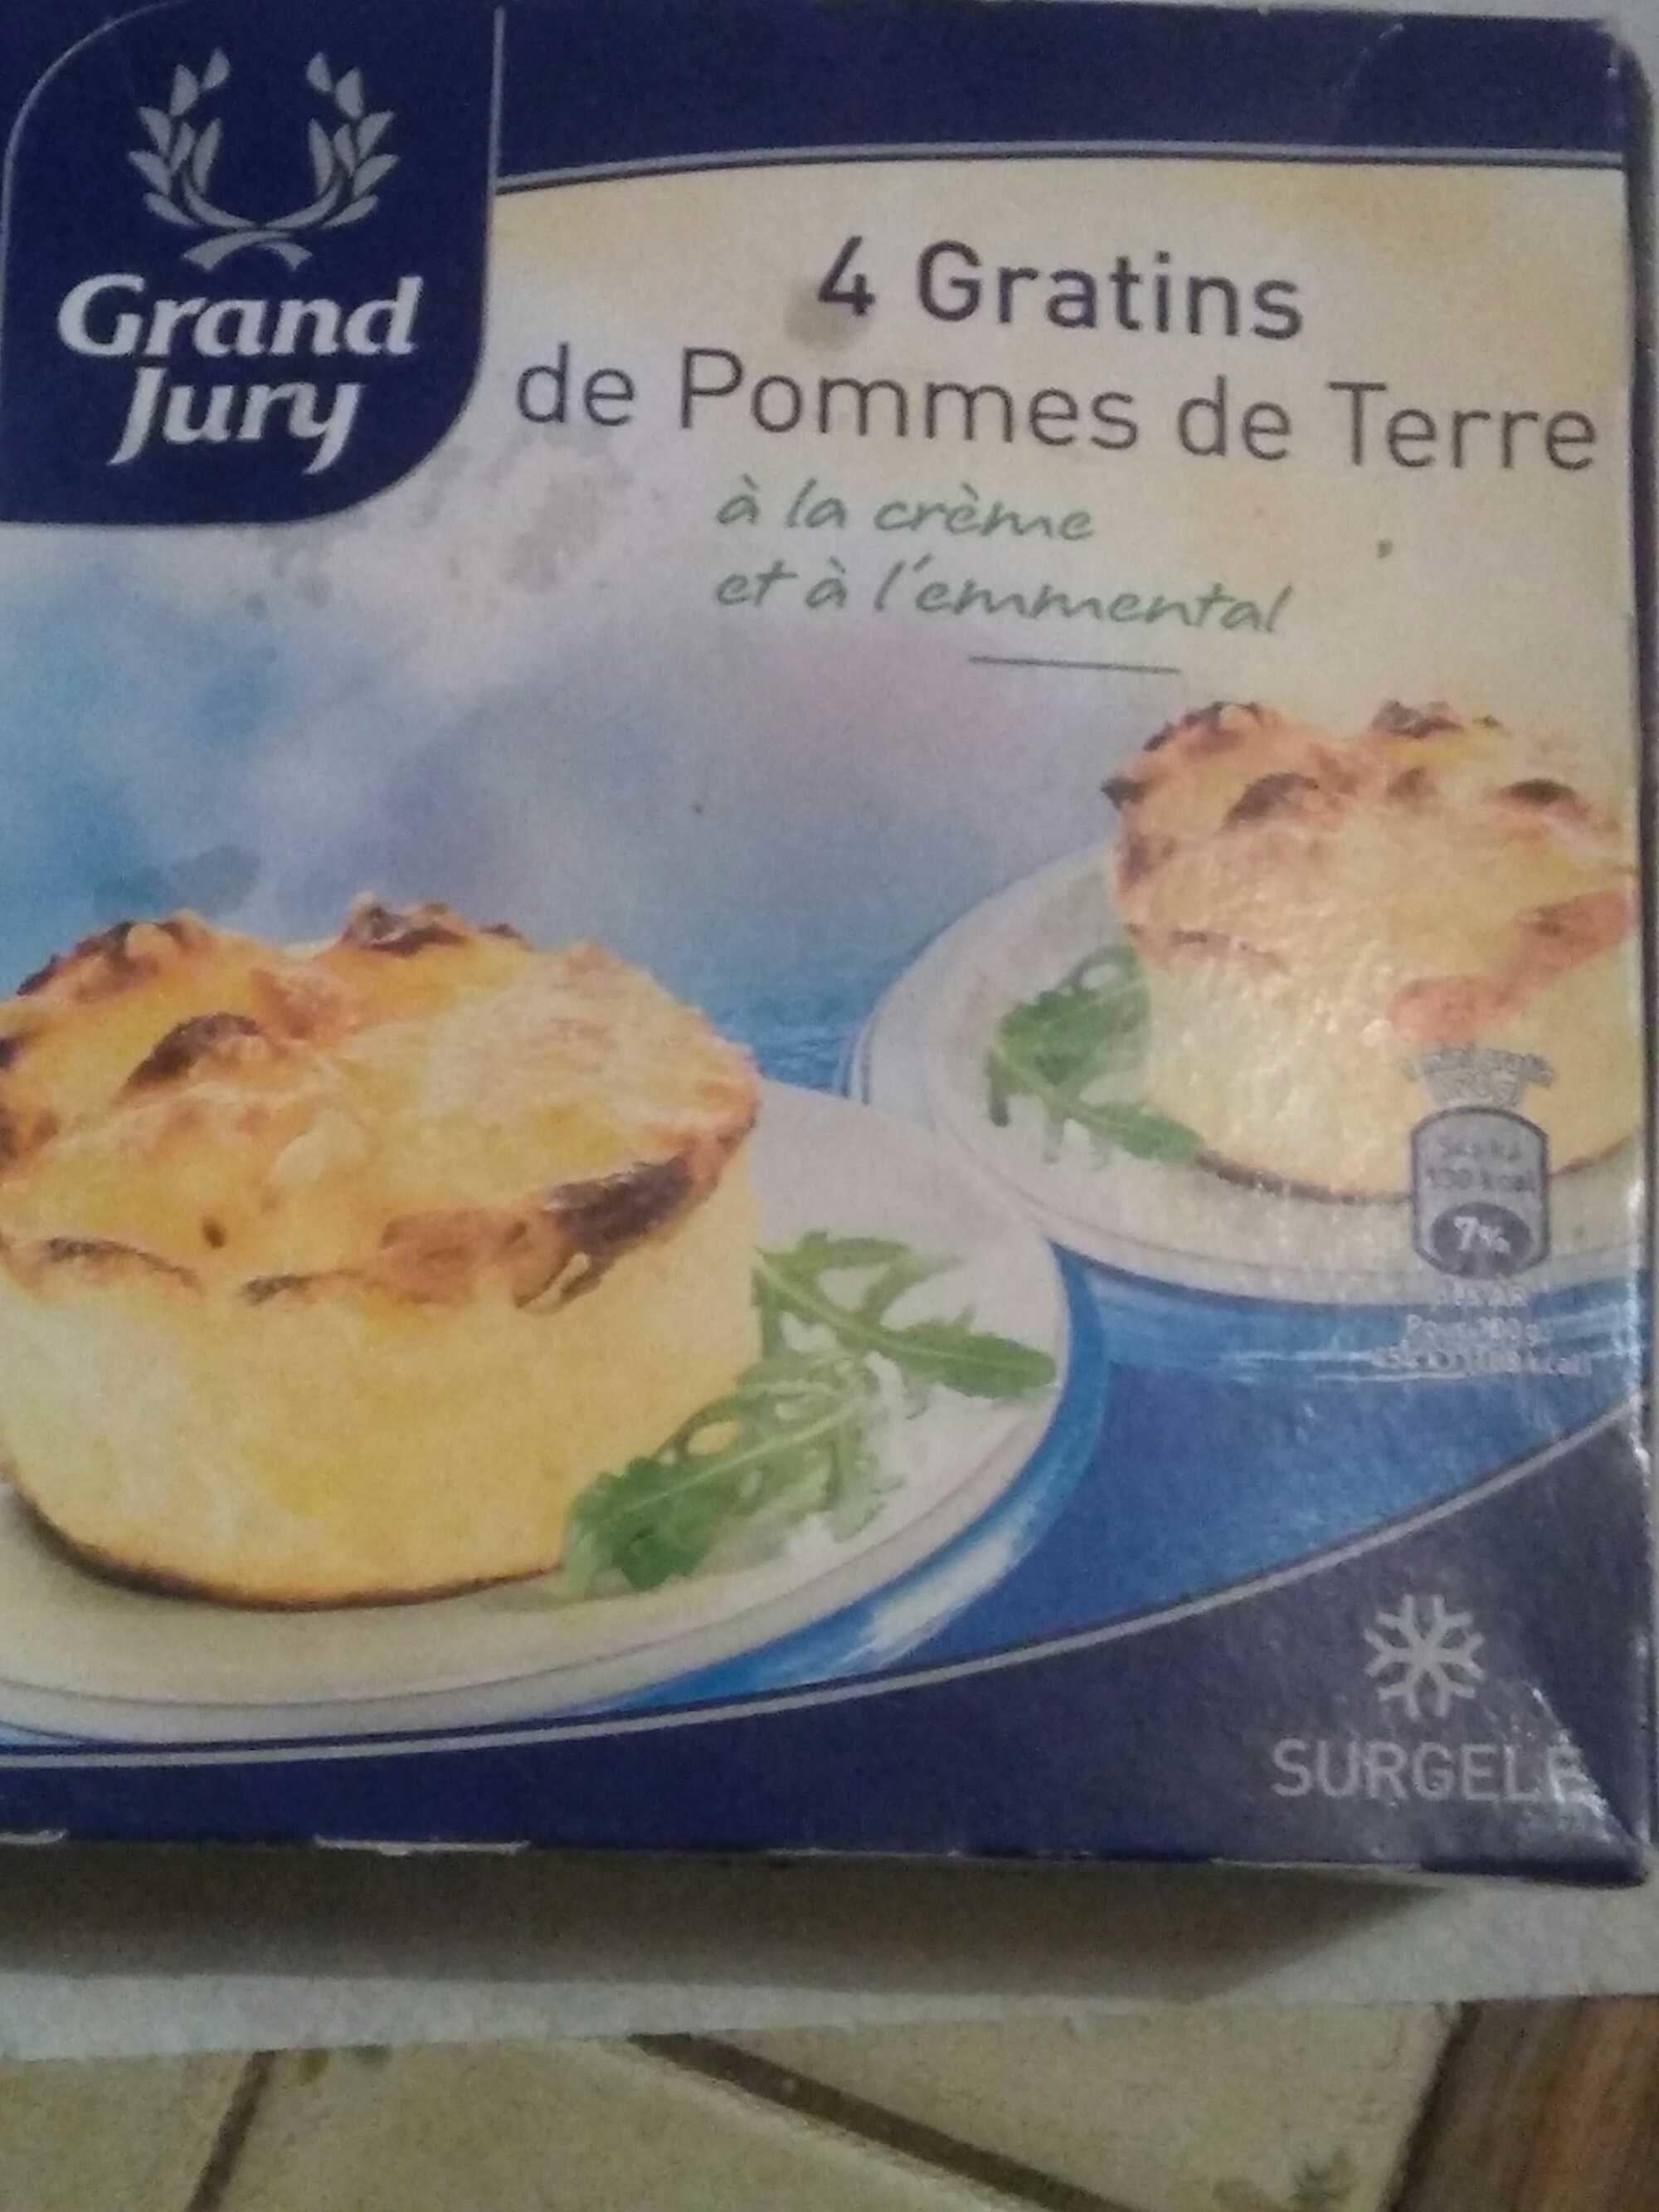 4 Gratins de Pommes de Terre Surgelés - Product